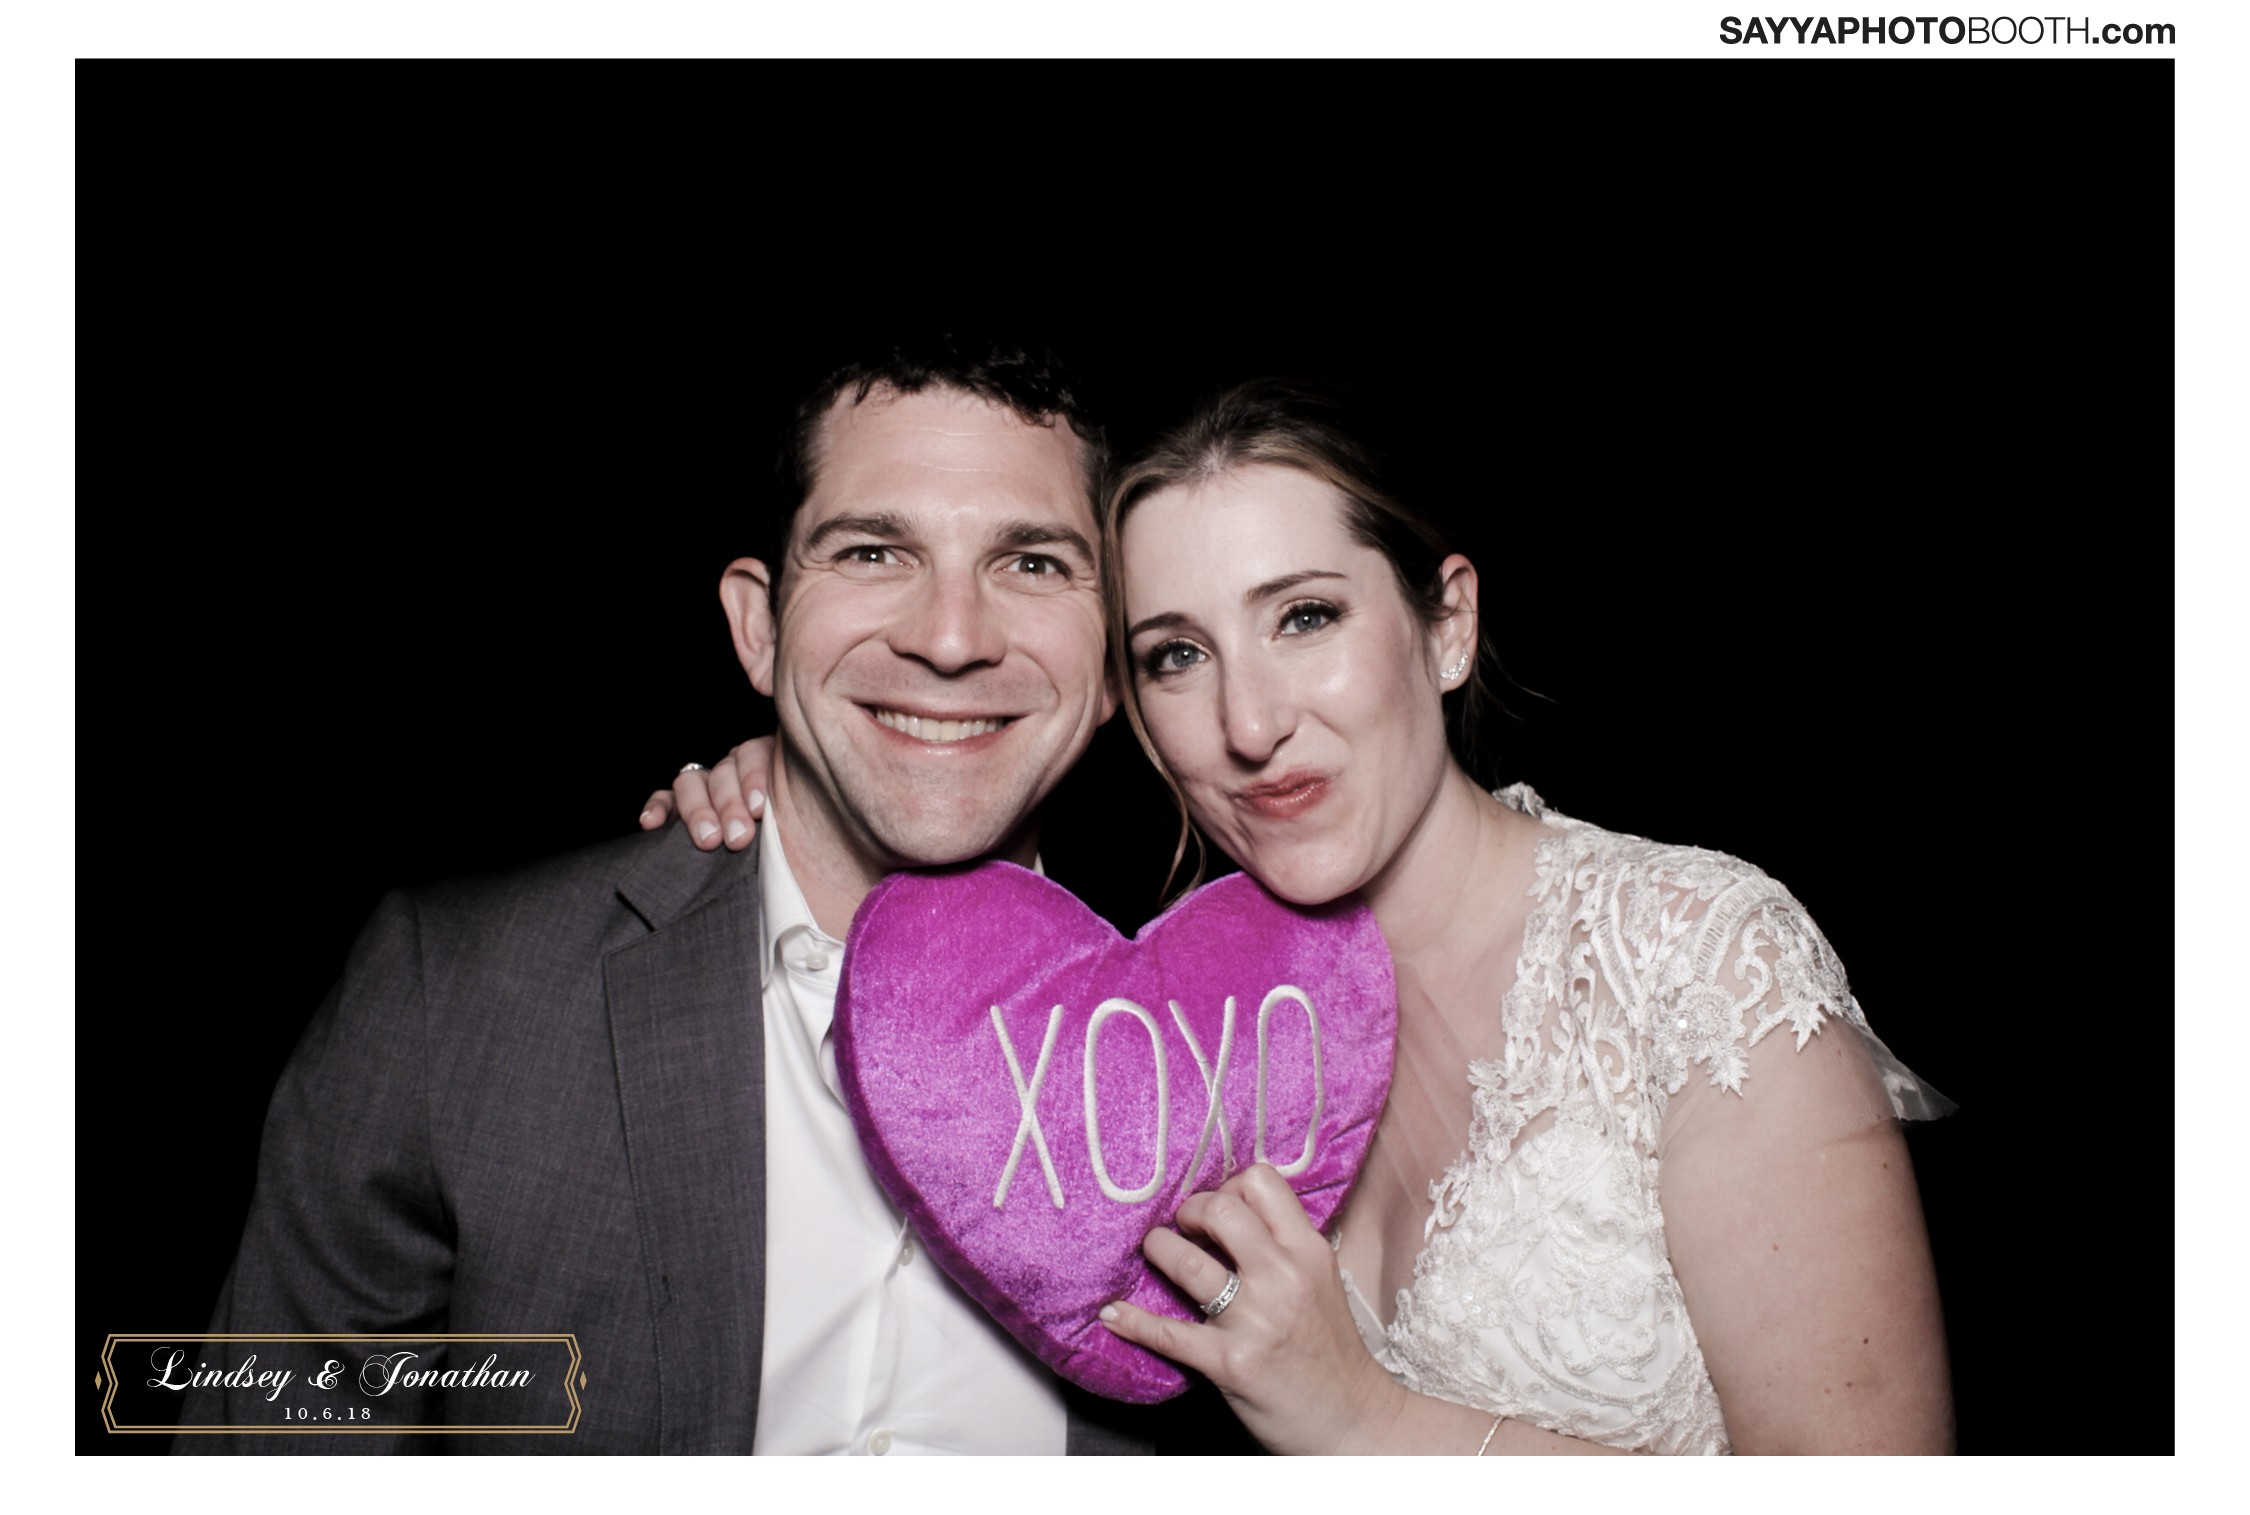 Lindsey and Jonathan's Wedding